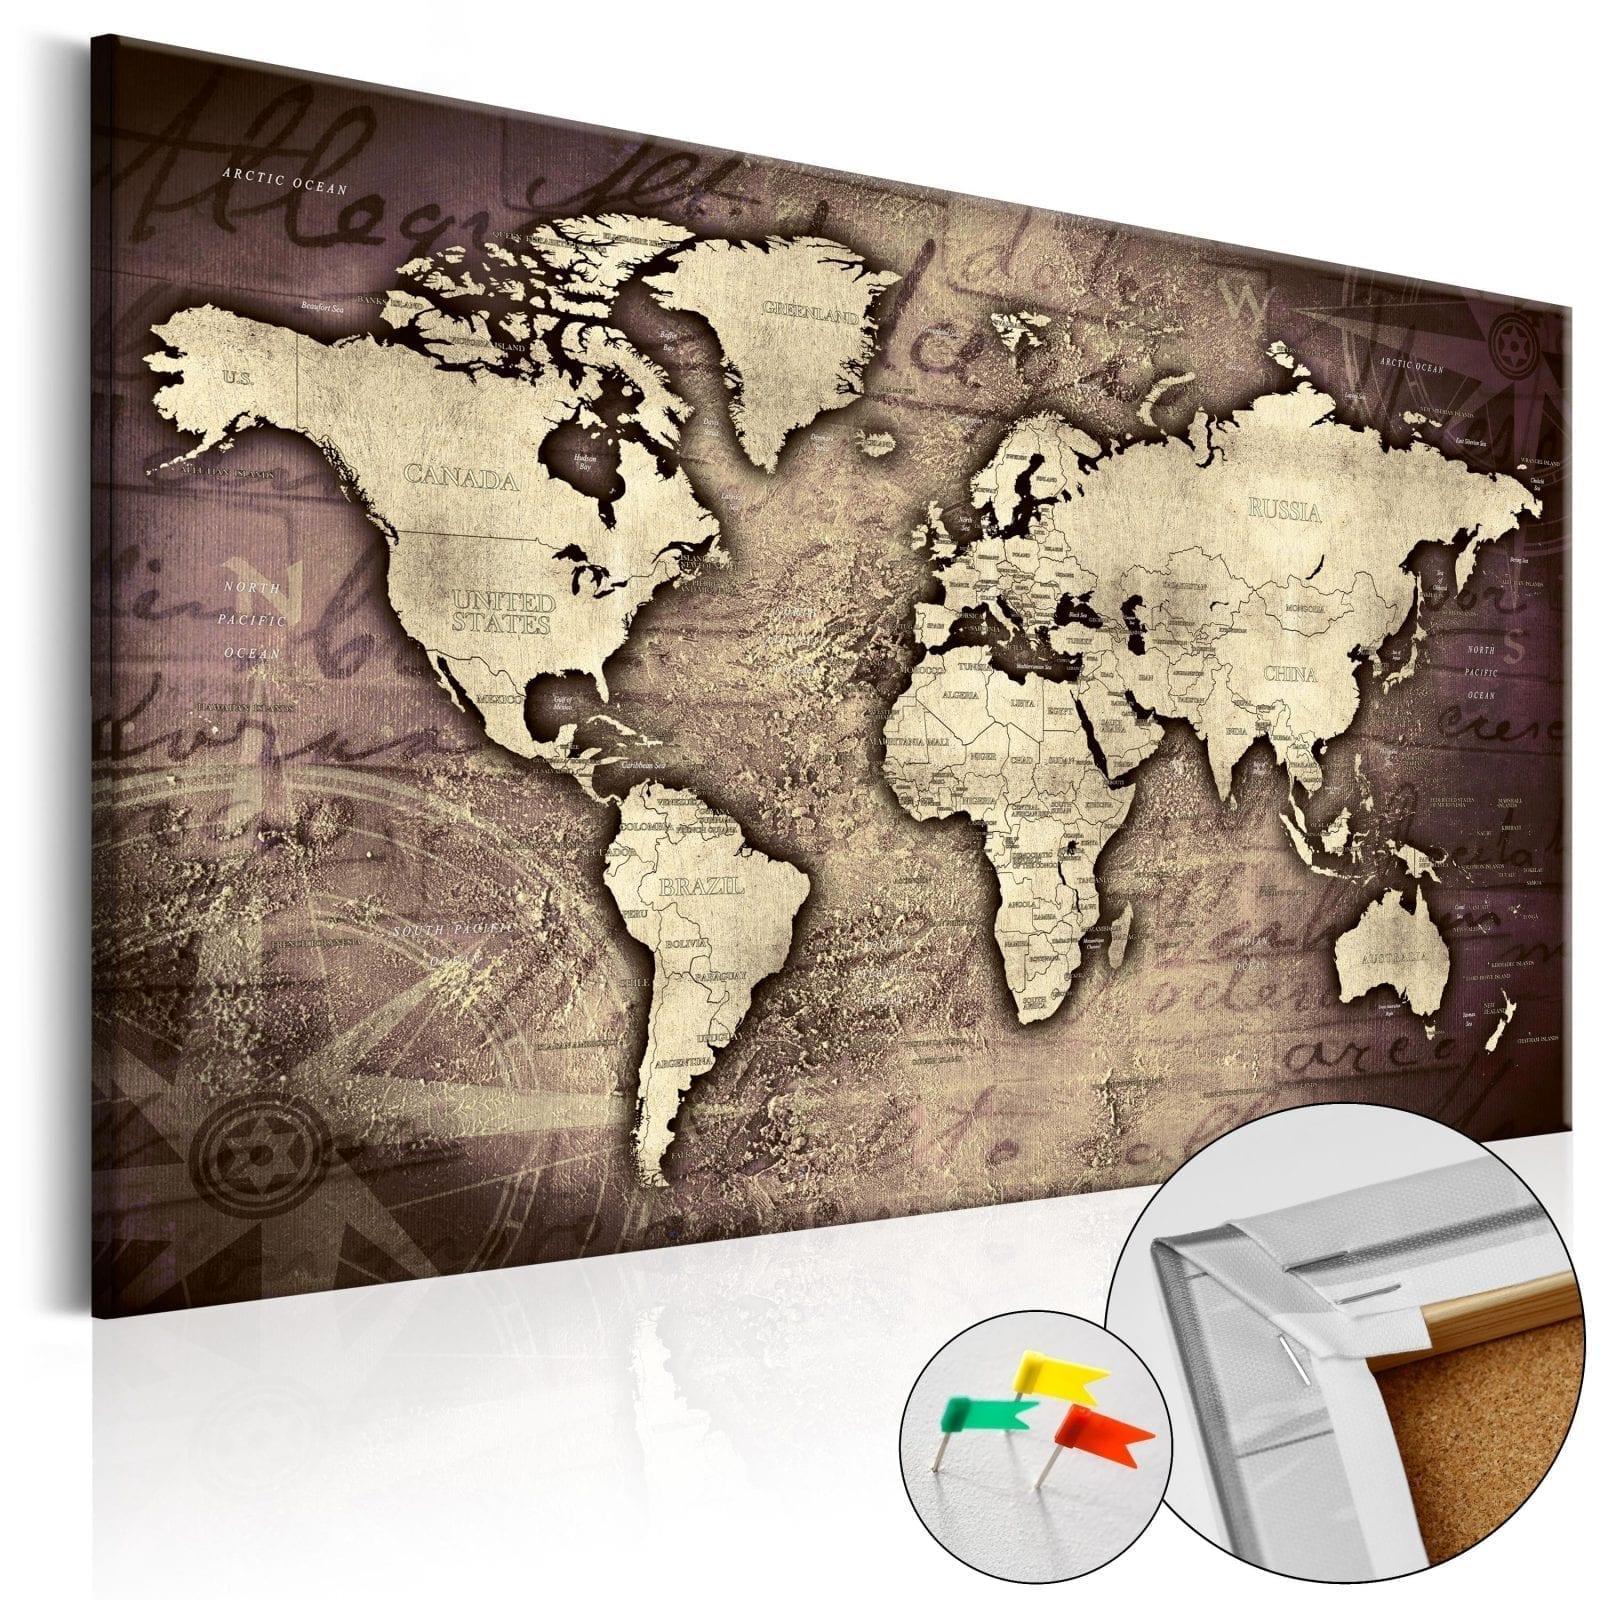 Tablero de corcho - Precious World 1   Potspintura.com